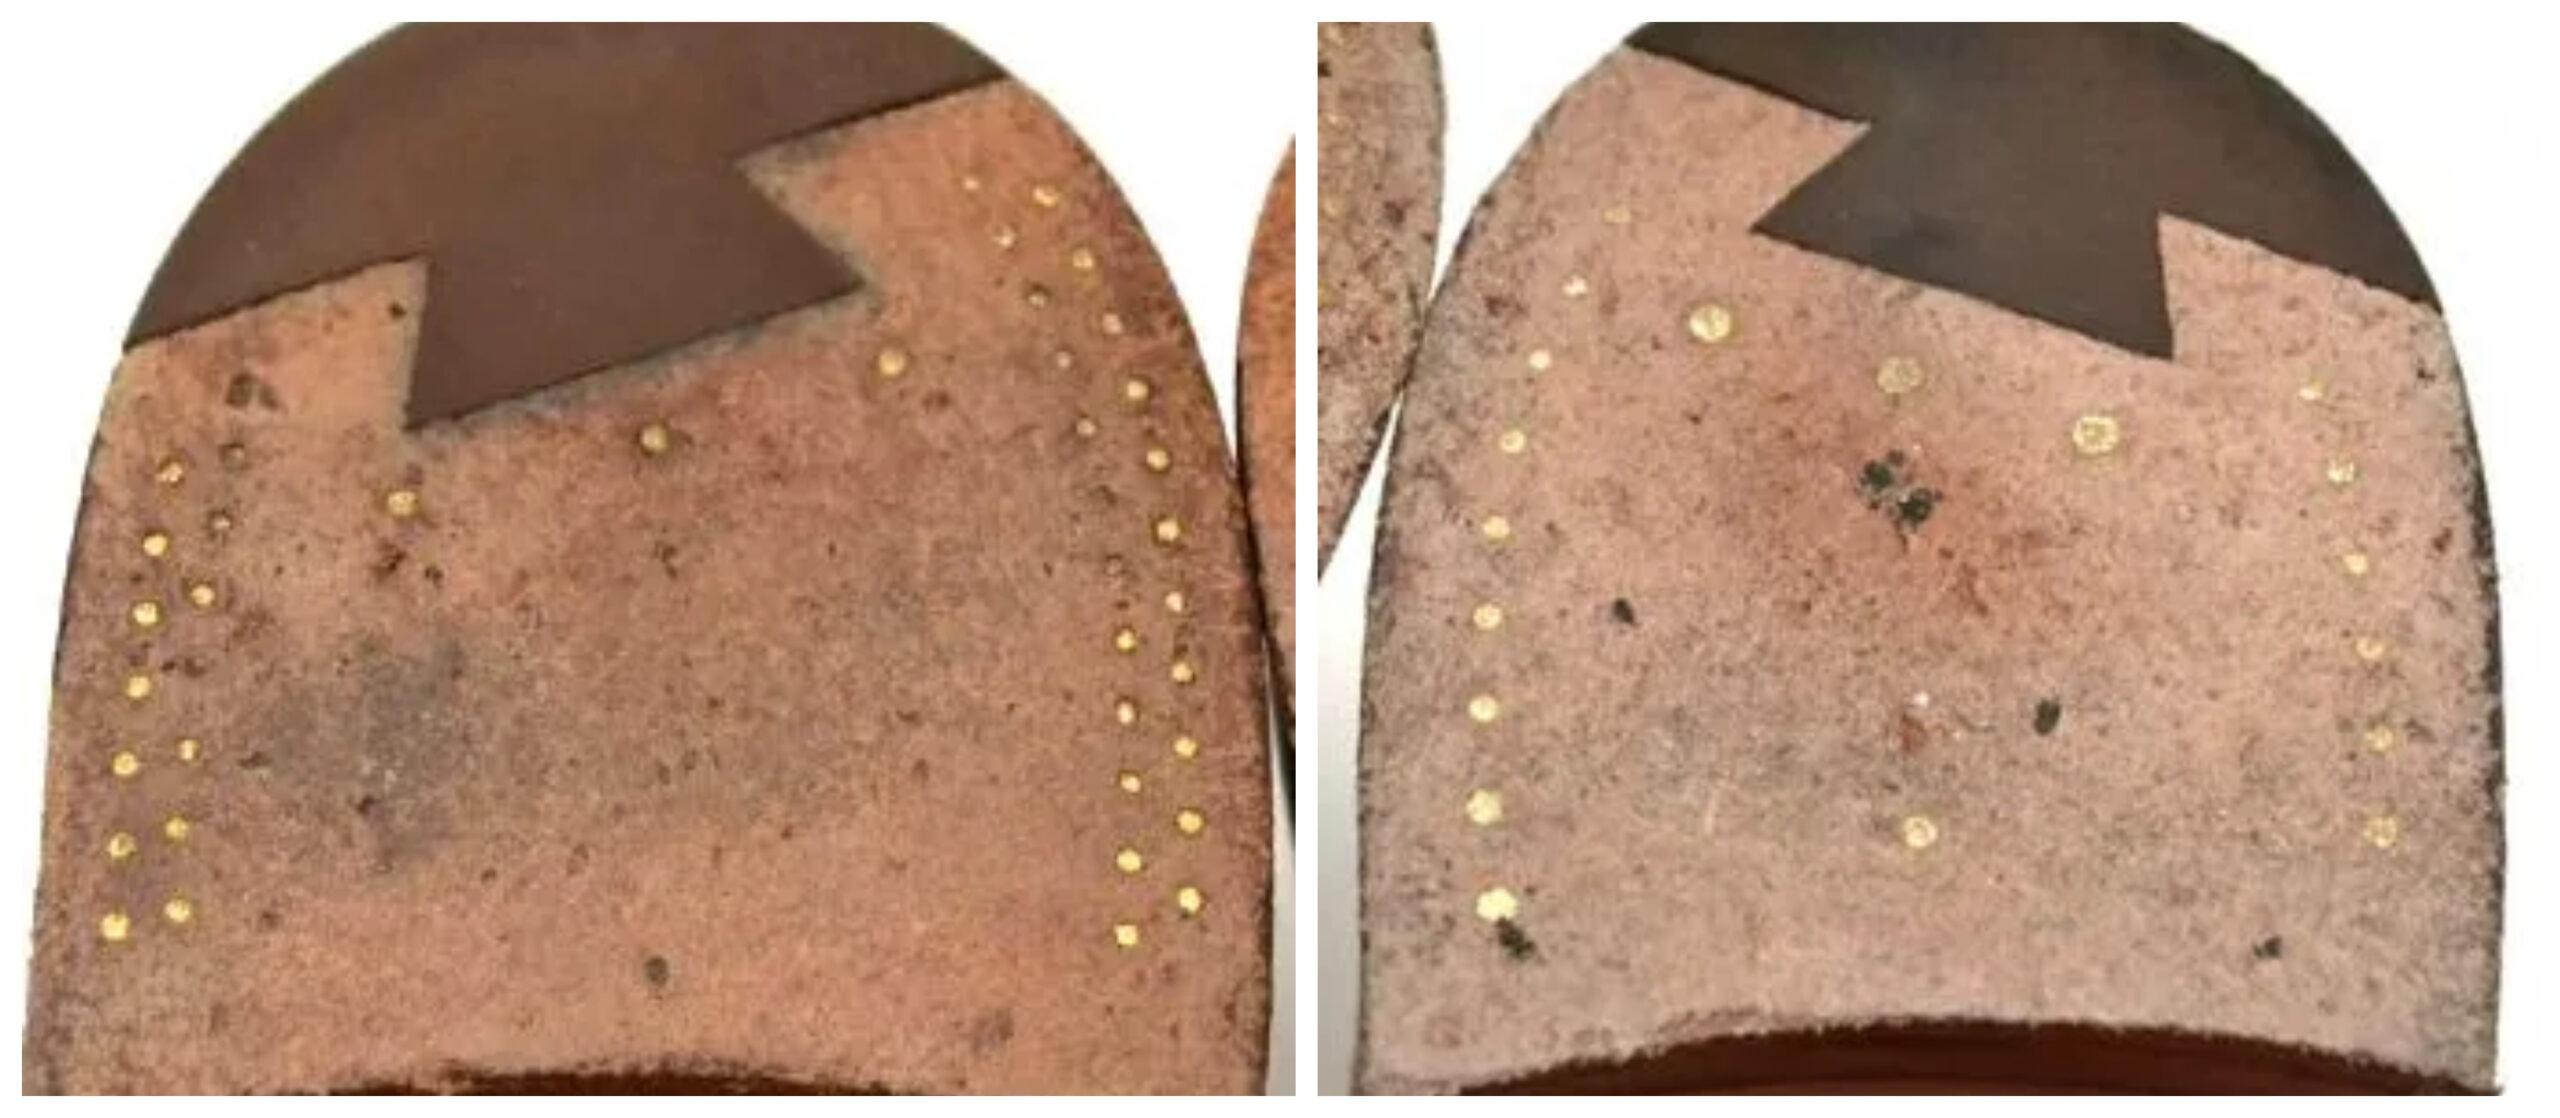 Deux types de patterns sur des paires de Crockett & Jones. L'un avec une rangée de pointes, l'autre avec deux. (Source: Sartorialisme)